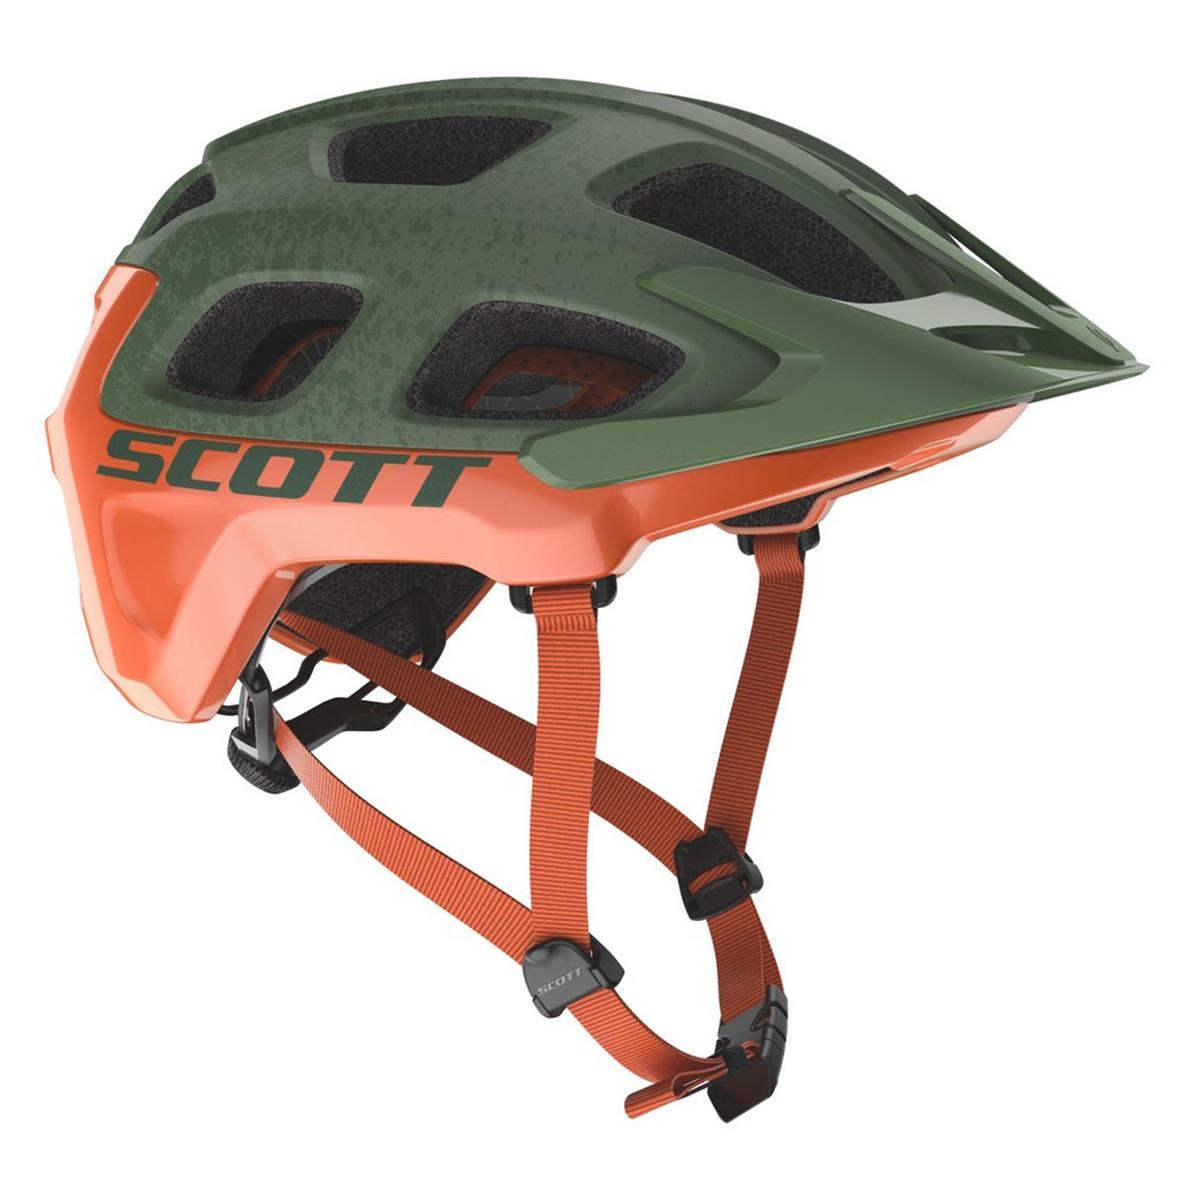 Scott Trail-MTB Helm Vivo Plus Metal Green/Orange